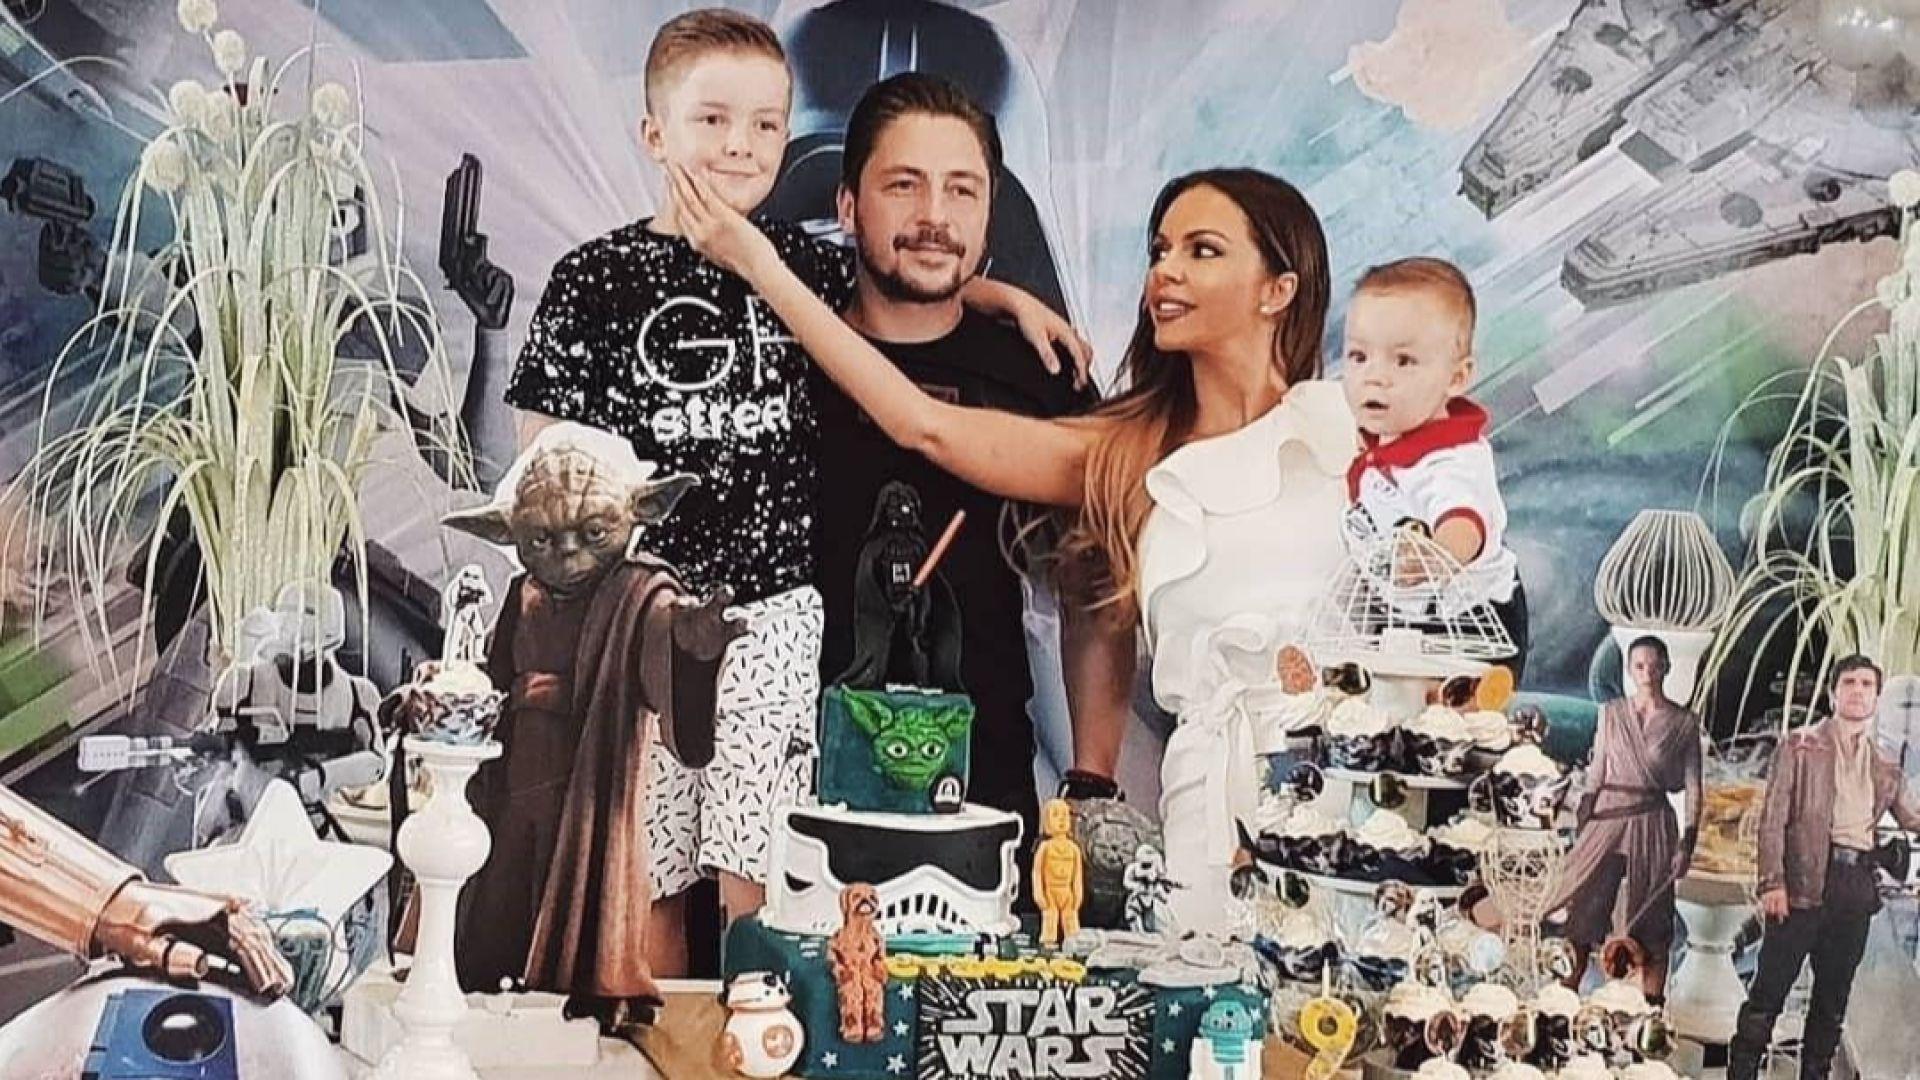 Галена отпразнува 9-ия рожден ден на сина си със Star Wars парти